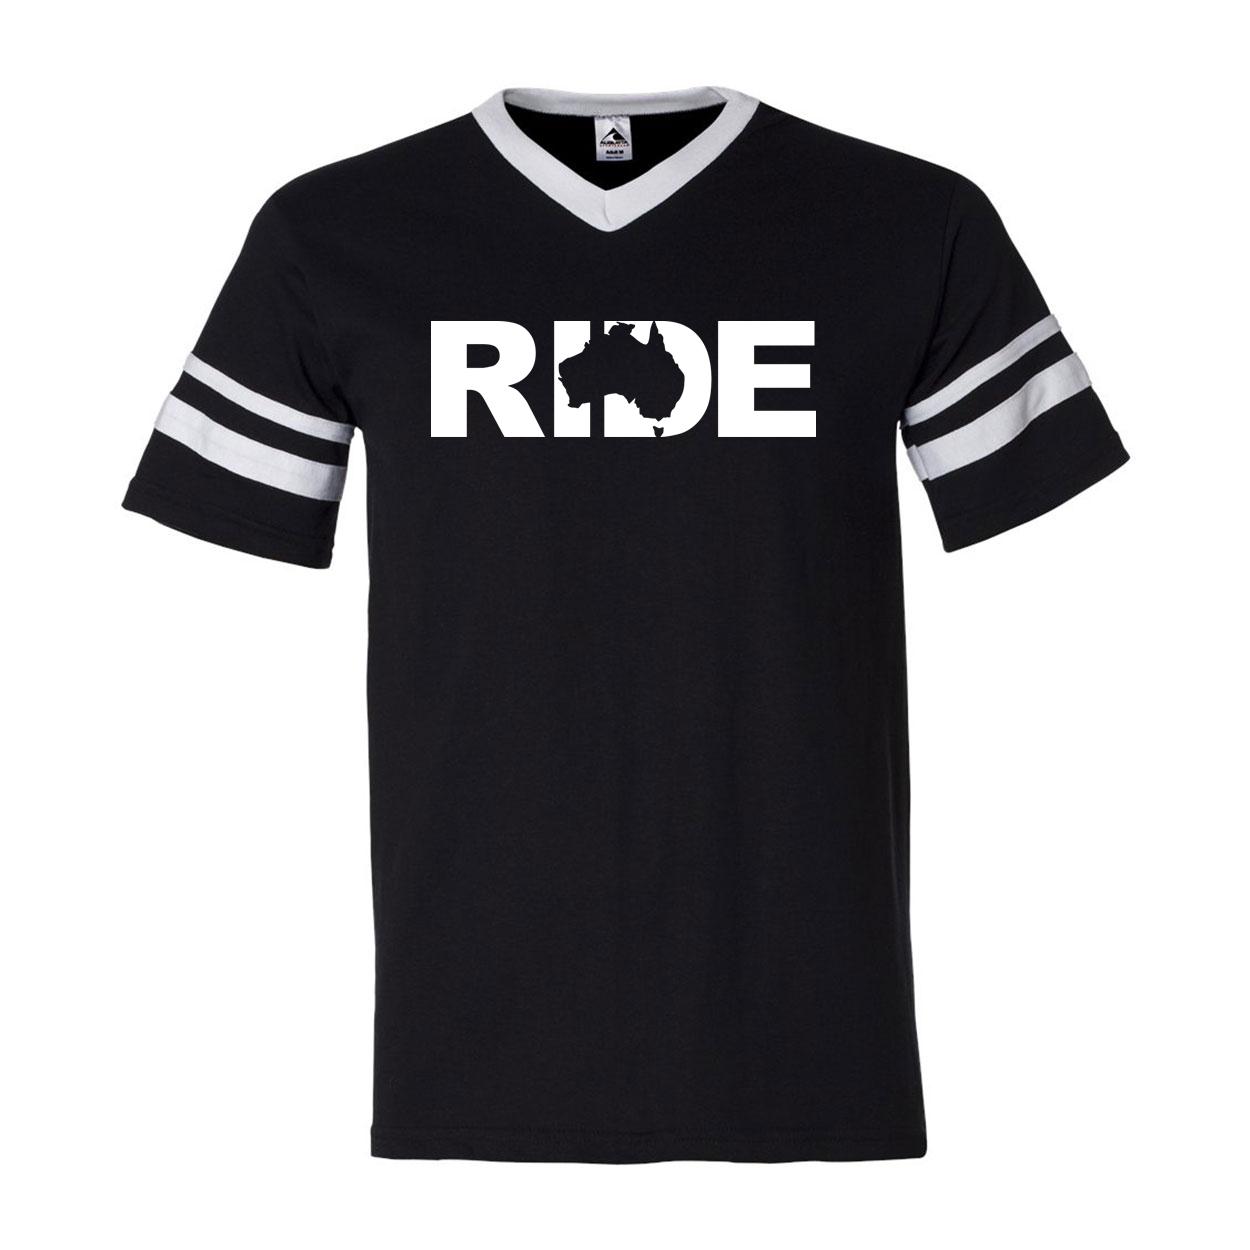 Ride Australia Classic Premium Striped Jersey T-Shirt Black/White (White Logo)